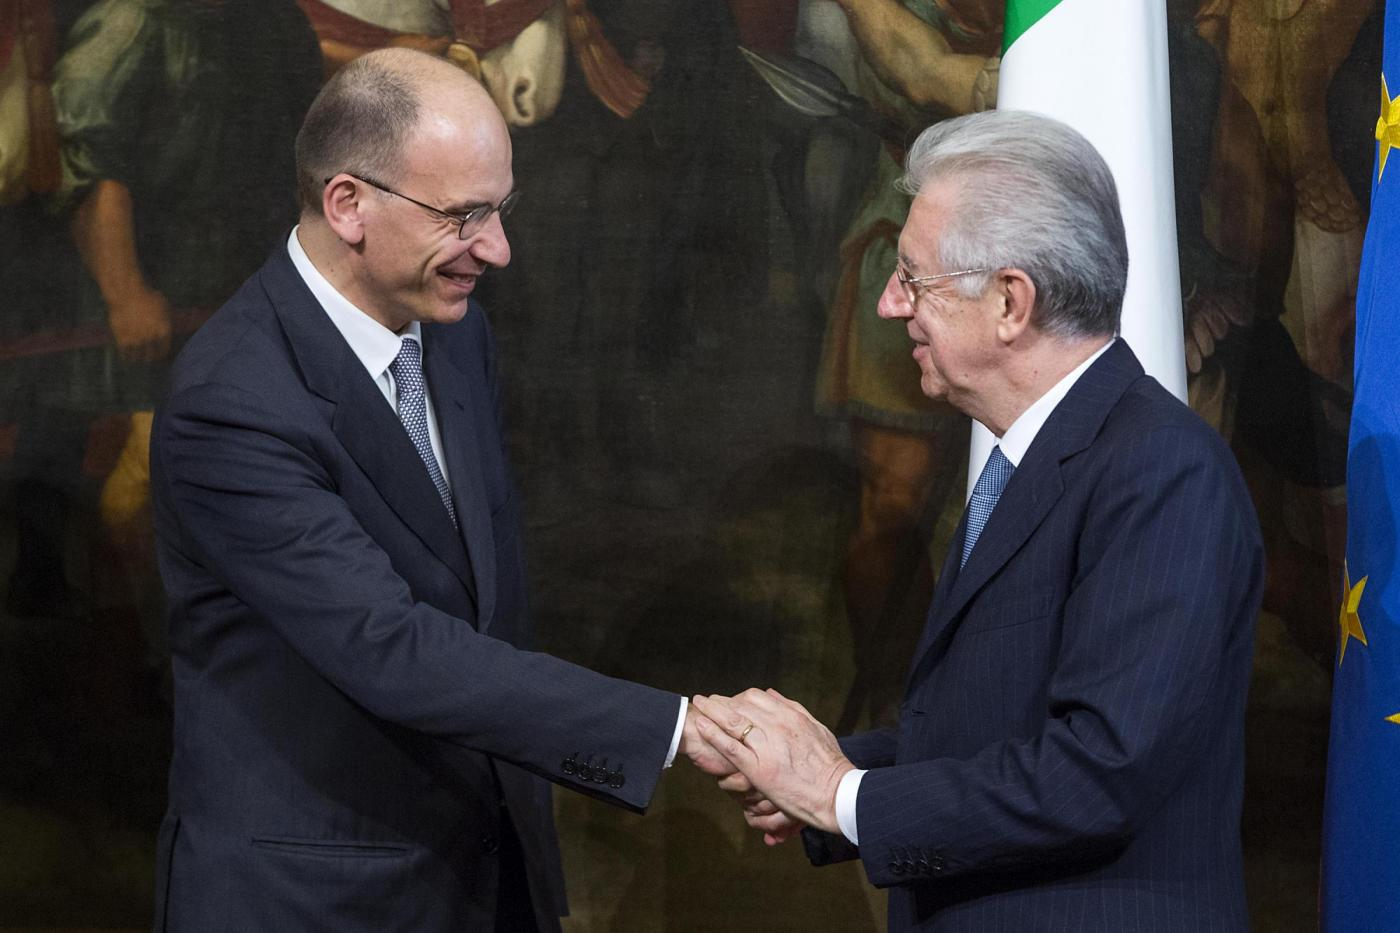 Letta e Monti sono due membri Trilateral